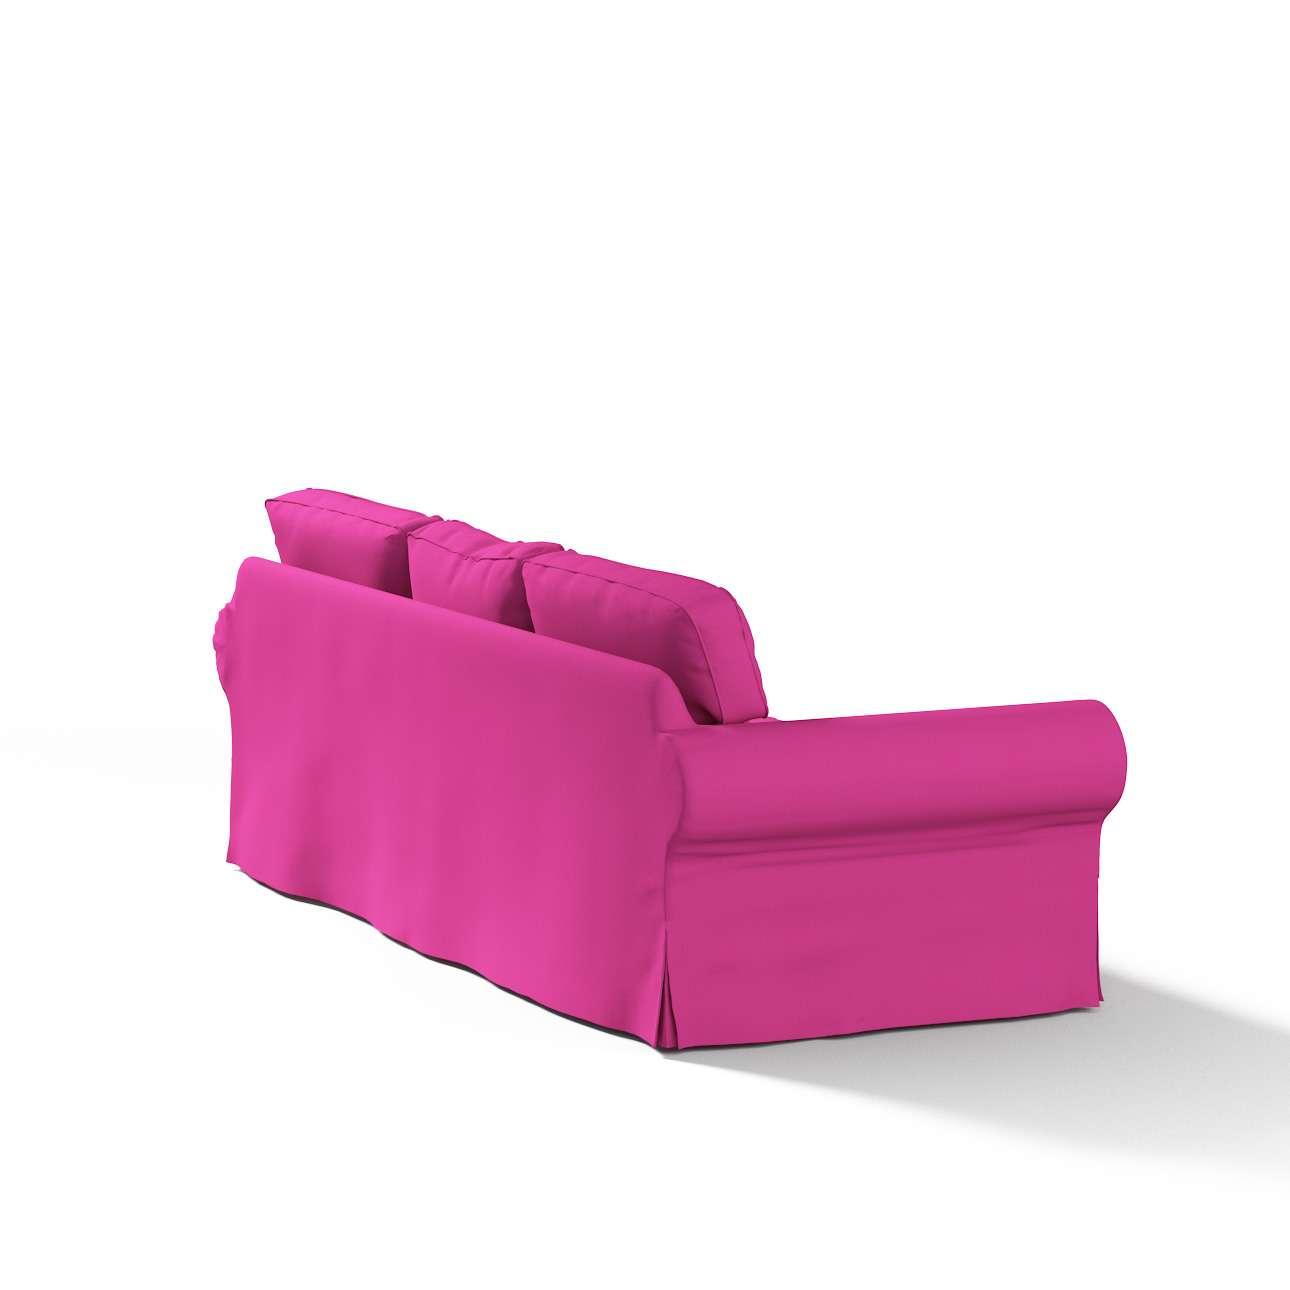 Potah na pohovku IKEA  Ektorp 3-místná, nerozkládací pohovka Ektorp 3-místná v kolekci Etna, látka: 705-23